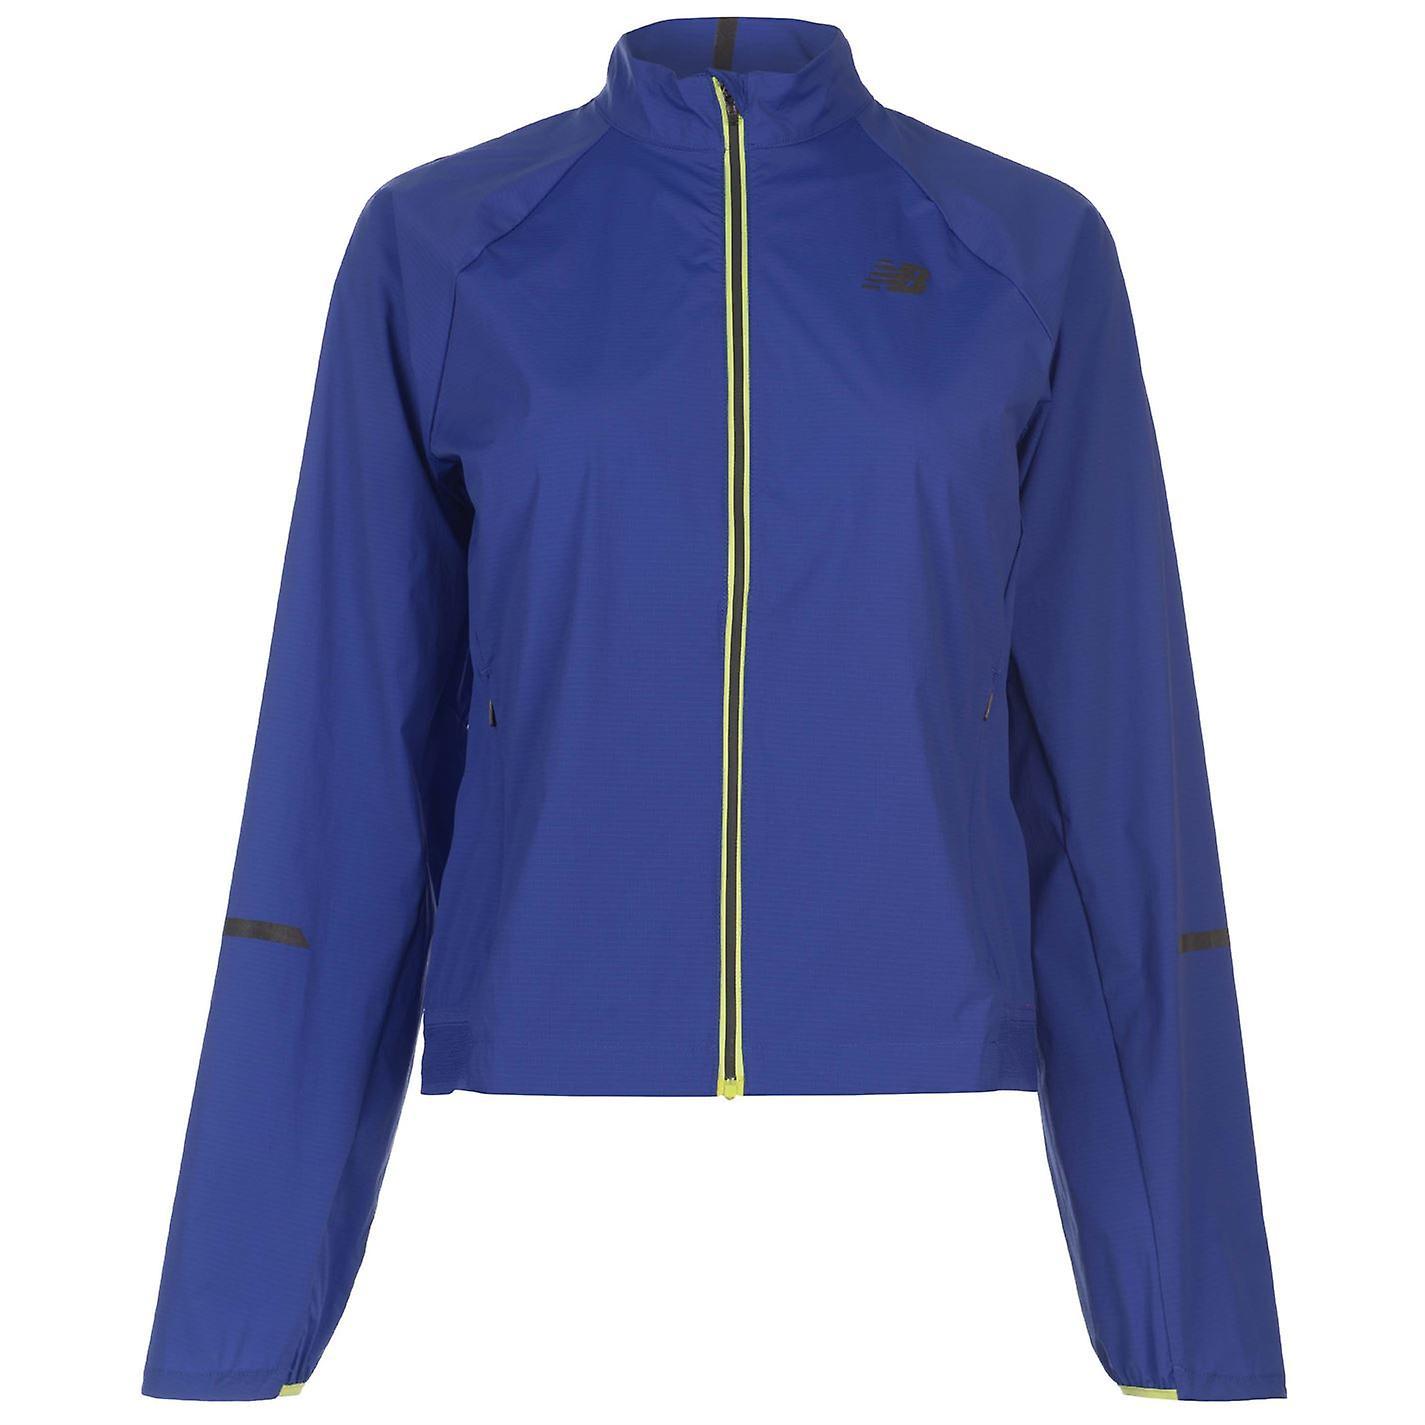 New Balance précision femmes Jacket Performance manteau Top